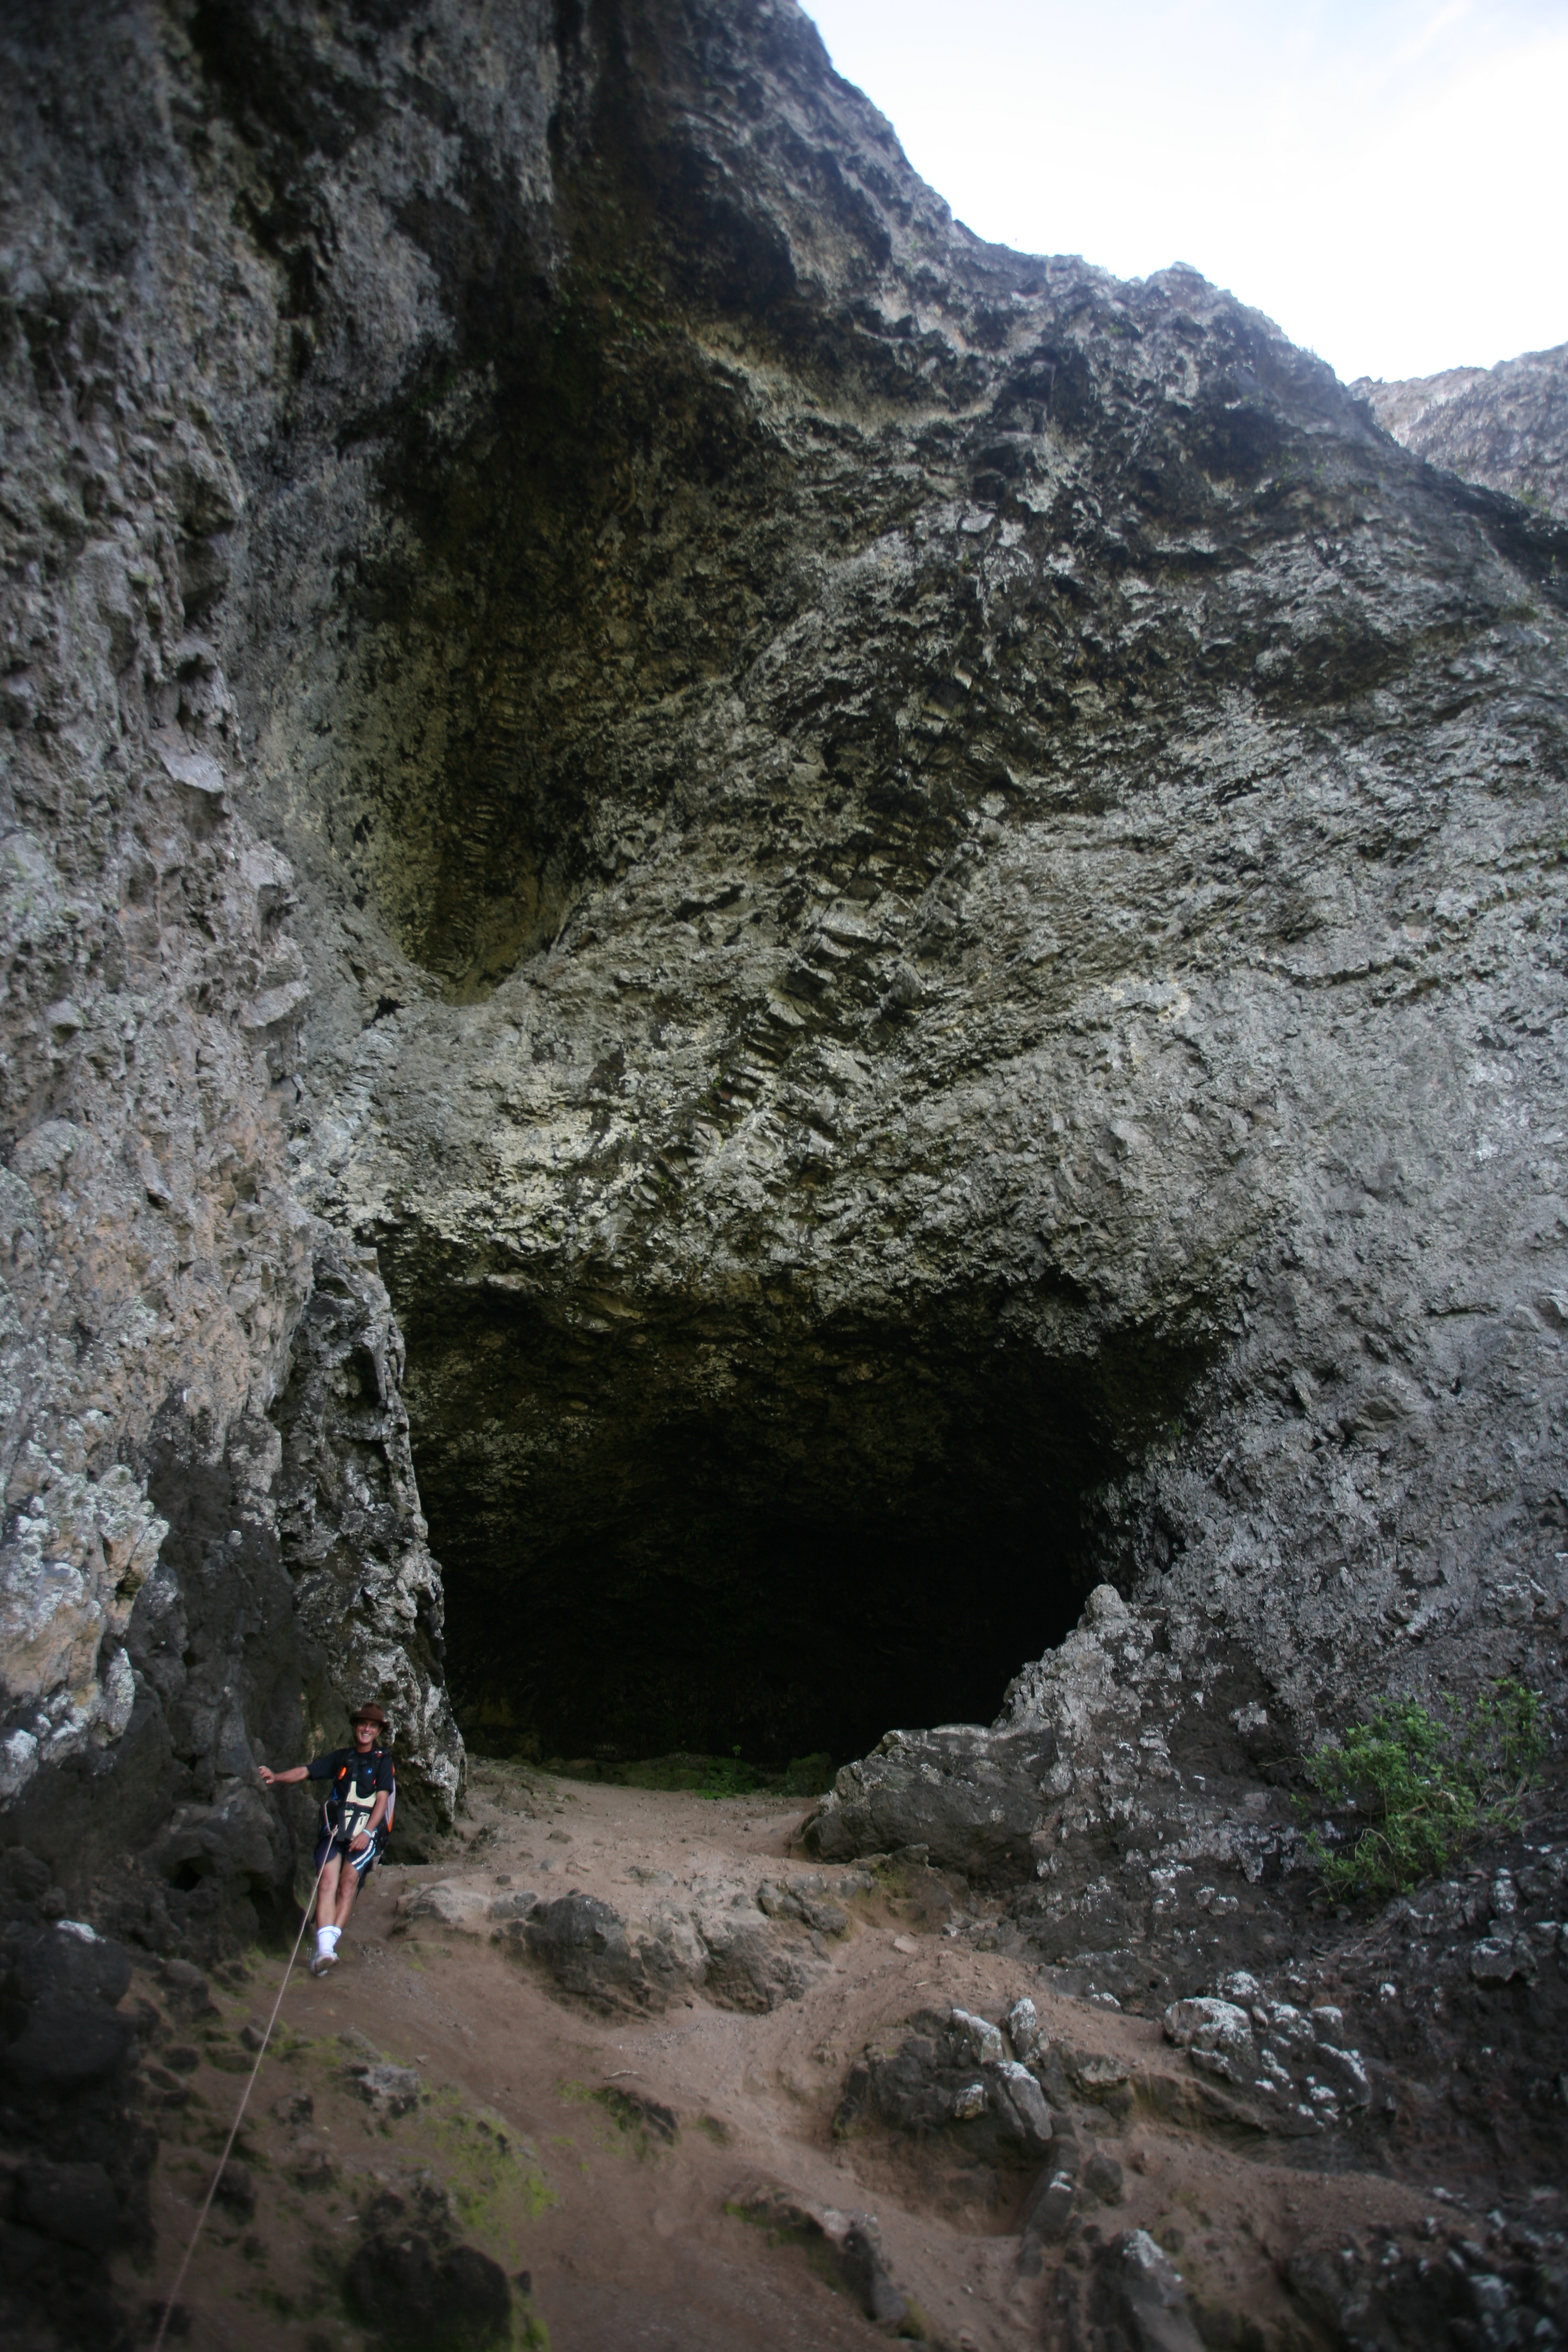 """L'entrée de la grotte lorsque l'on se trouve """"à sa porte"""" ; l'effet d'optique du grand angle la fait paraître petite, mais entre le sol et la voûte, il y a bien vingt mètres de hauteur. Au premier plan, notre guide, Eric."""